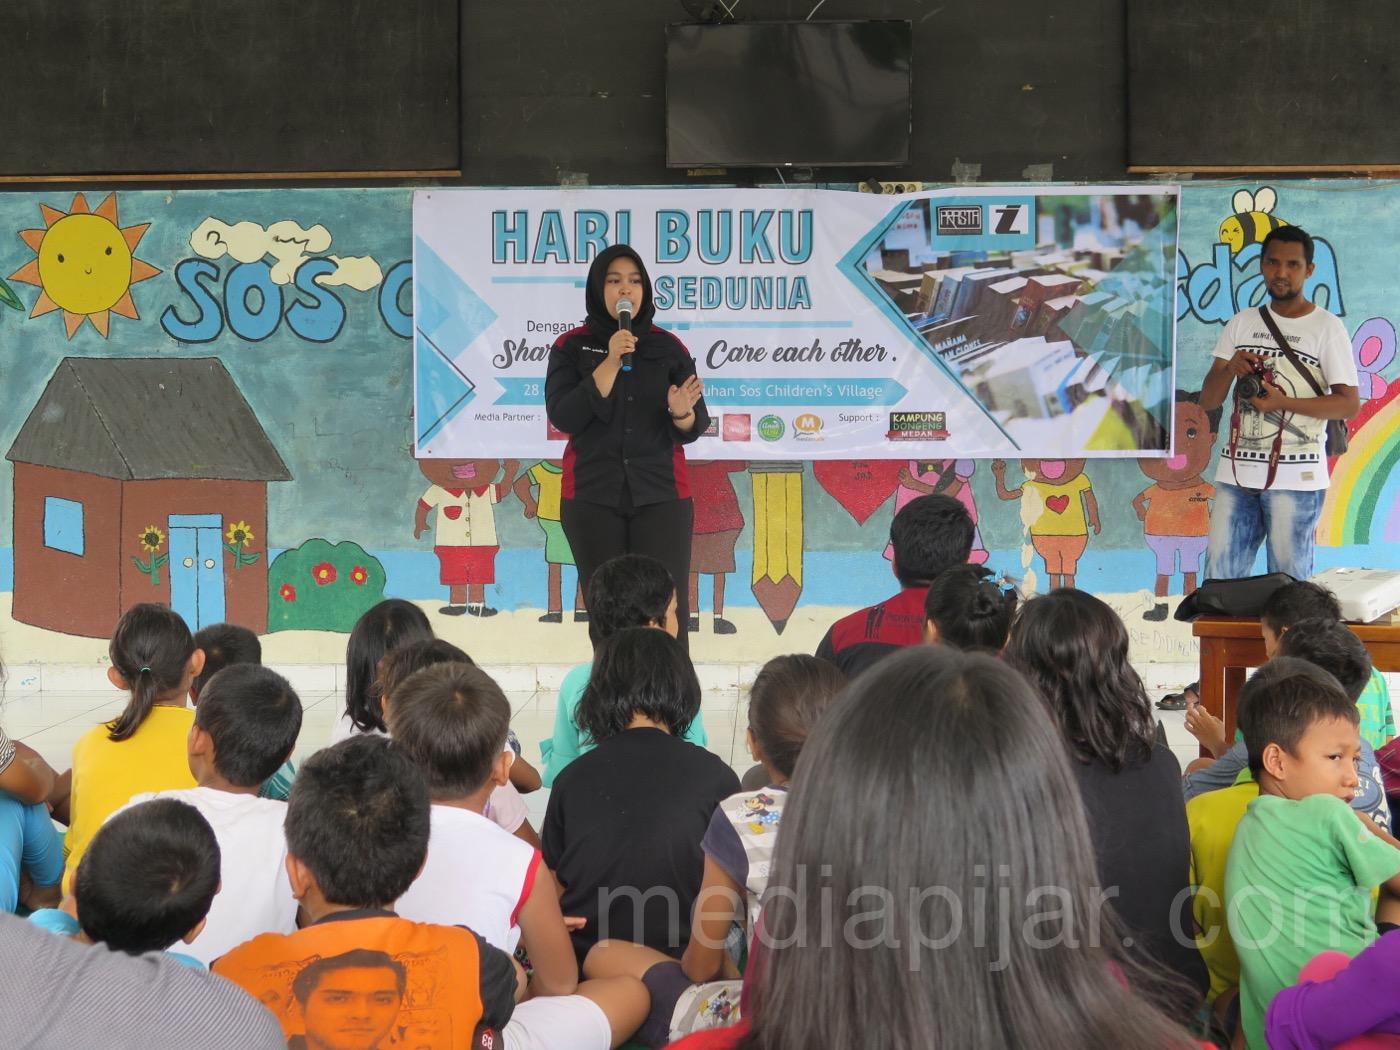 Pemberian materi mengenai pentingnya membaca buku sejak dini yang disampaikan oleh anggota Prasta kepada seluruh anak-anak di SOS Children's Village kota Medan. (28/4) (Fotografer: Frans Dicky Naibaho)